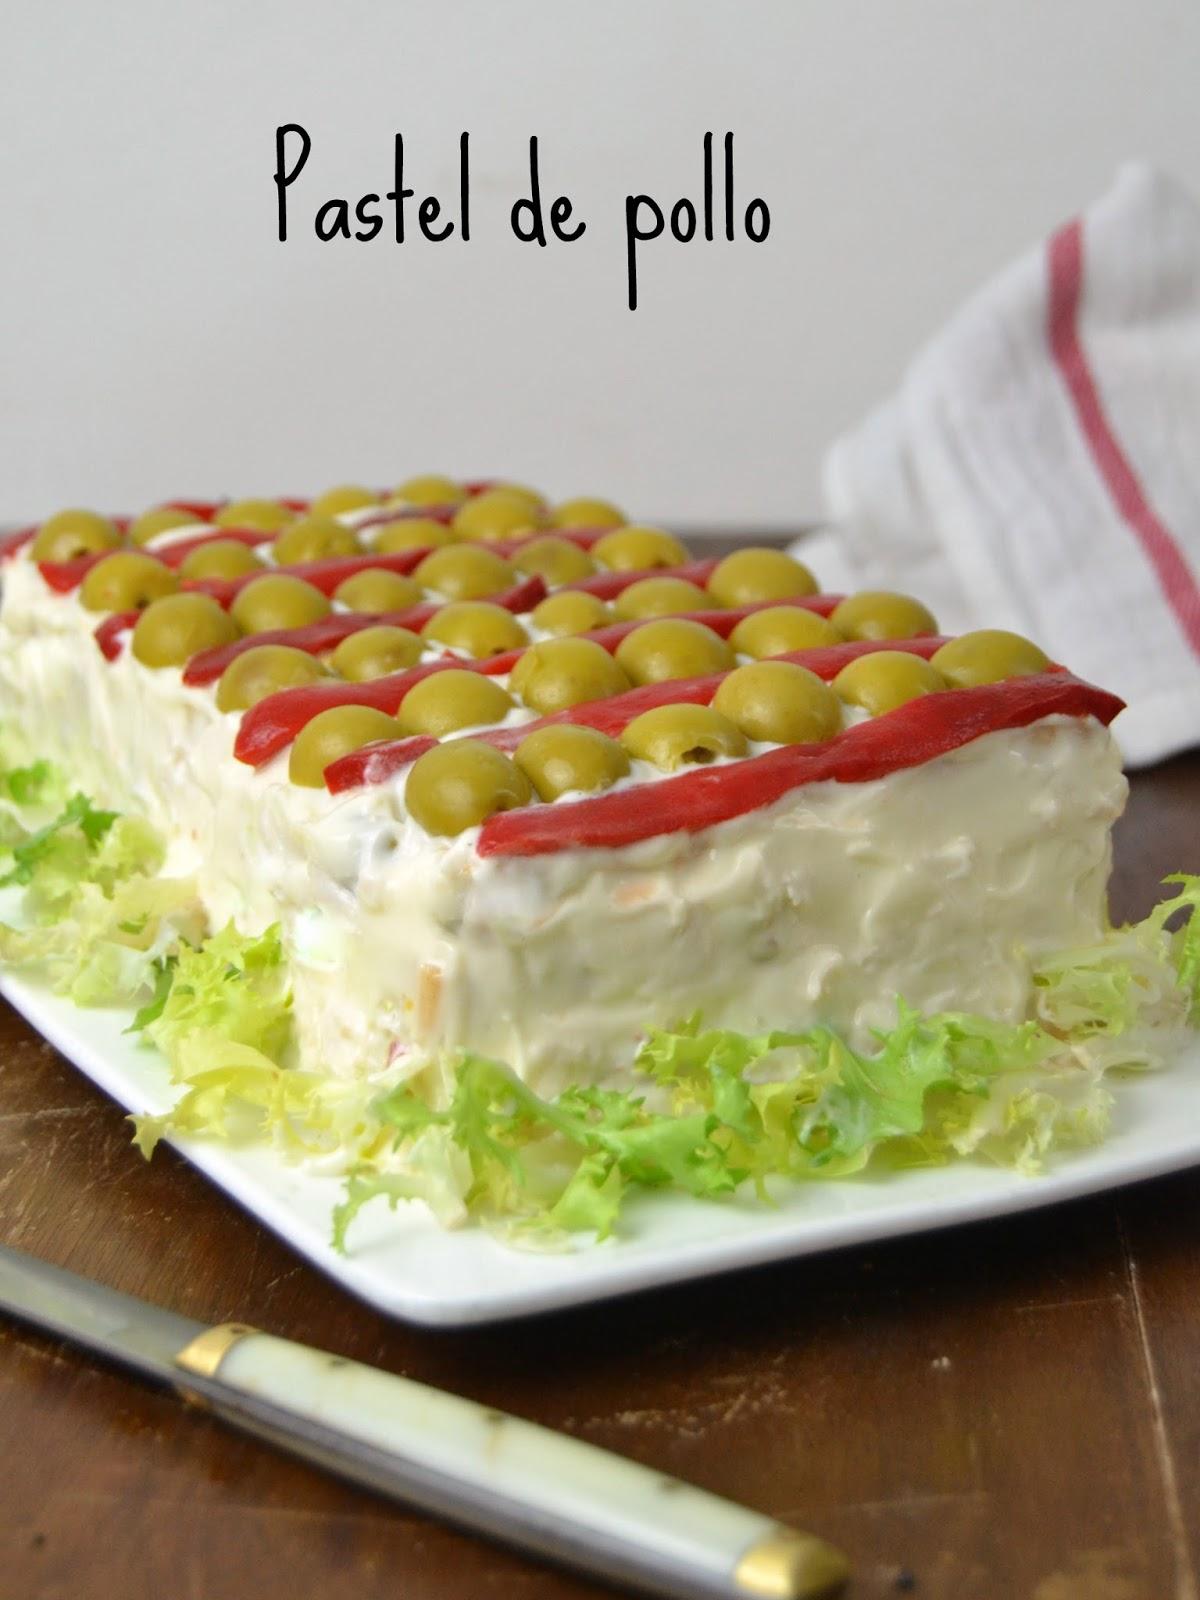 Image Result For Recetas De Cocina Mayonesa